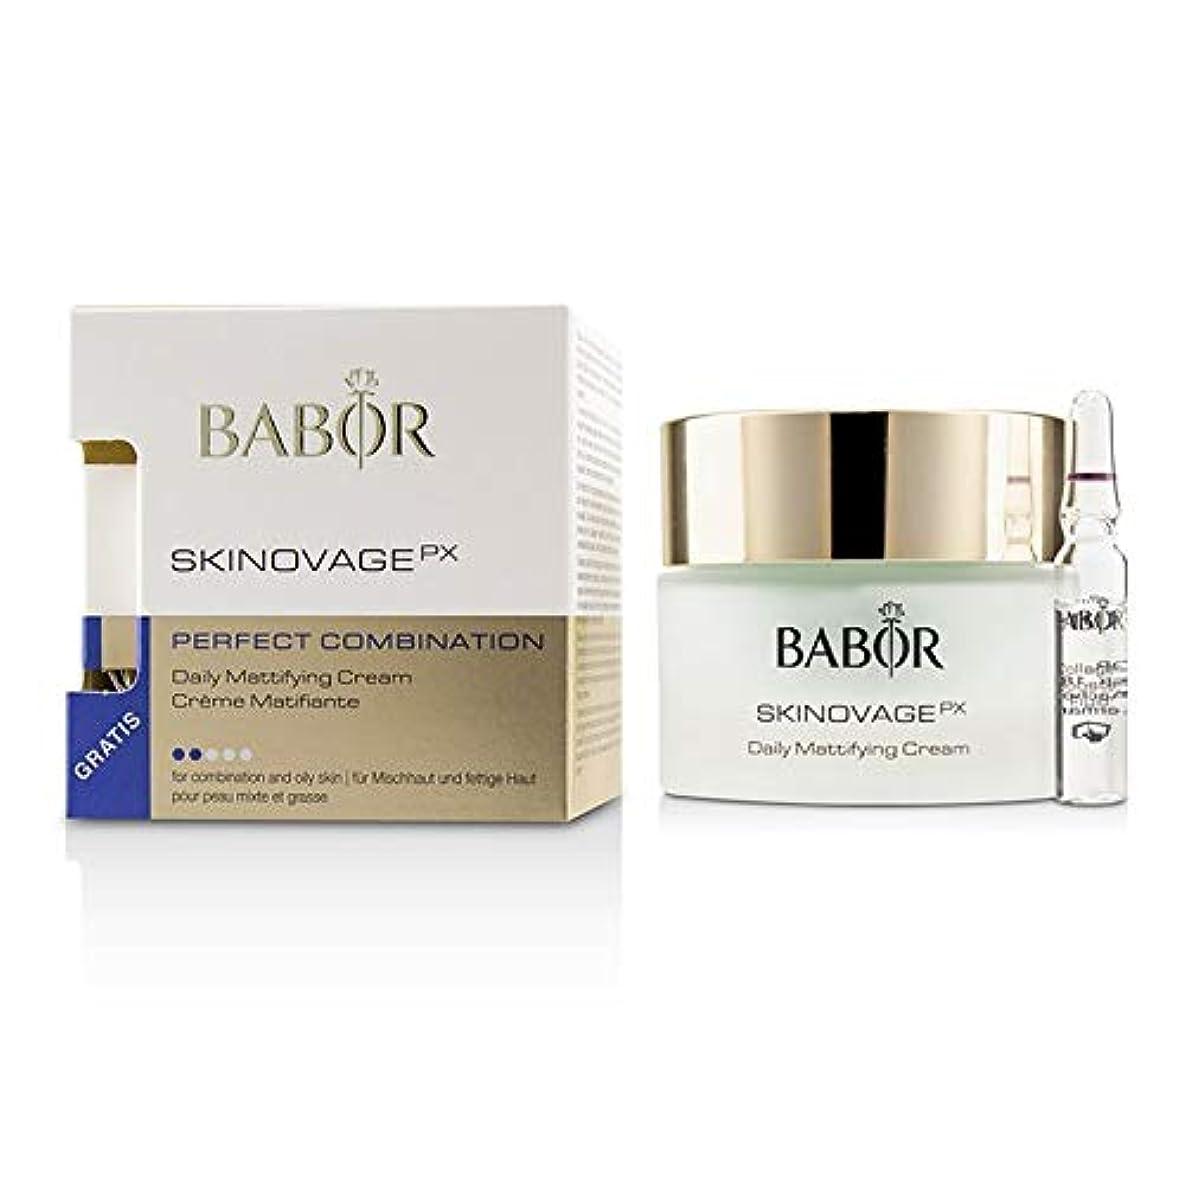 ウェーハ墓拍車バボール Skinovage PX Perfect Combination Daily Mattifying Cream (with Free Collagen Booster Fluid 2ml) - For Combination & Oily Skin 50ml/1.7oz並行輸入品